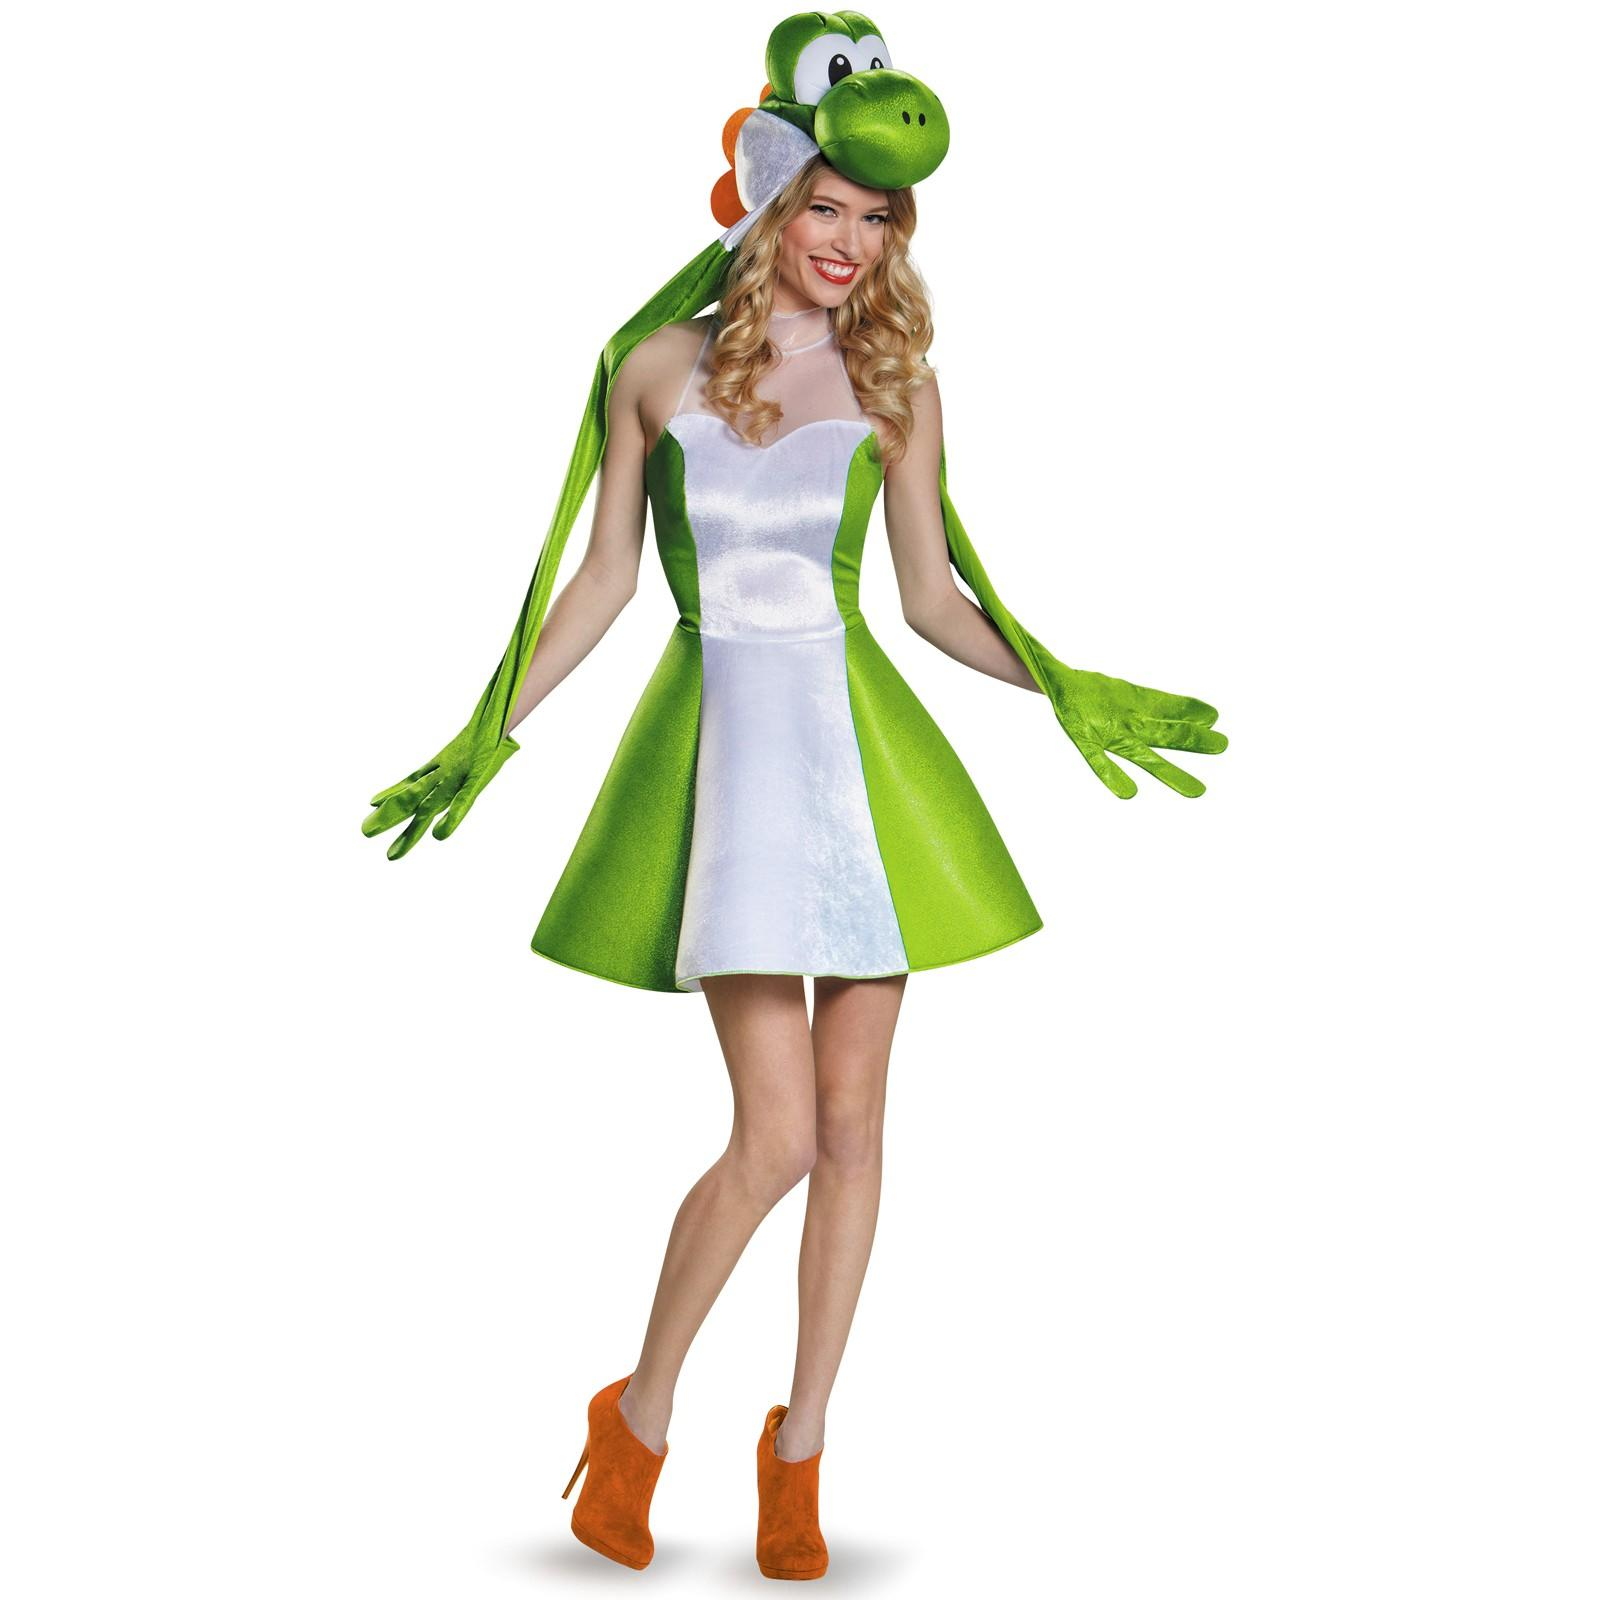 Costume Yoshi  sc 1 st  The Geeky Hostess & Weirdest